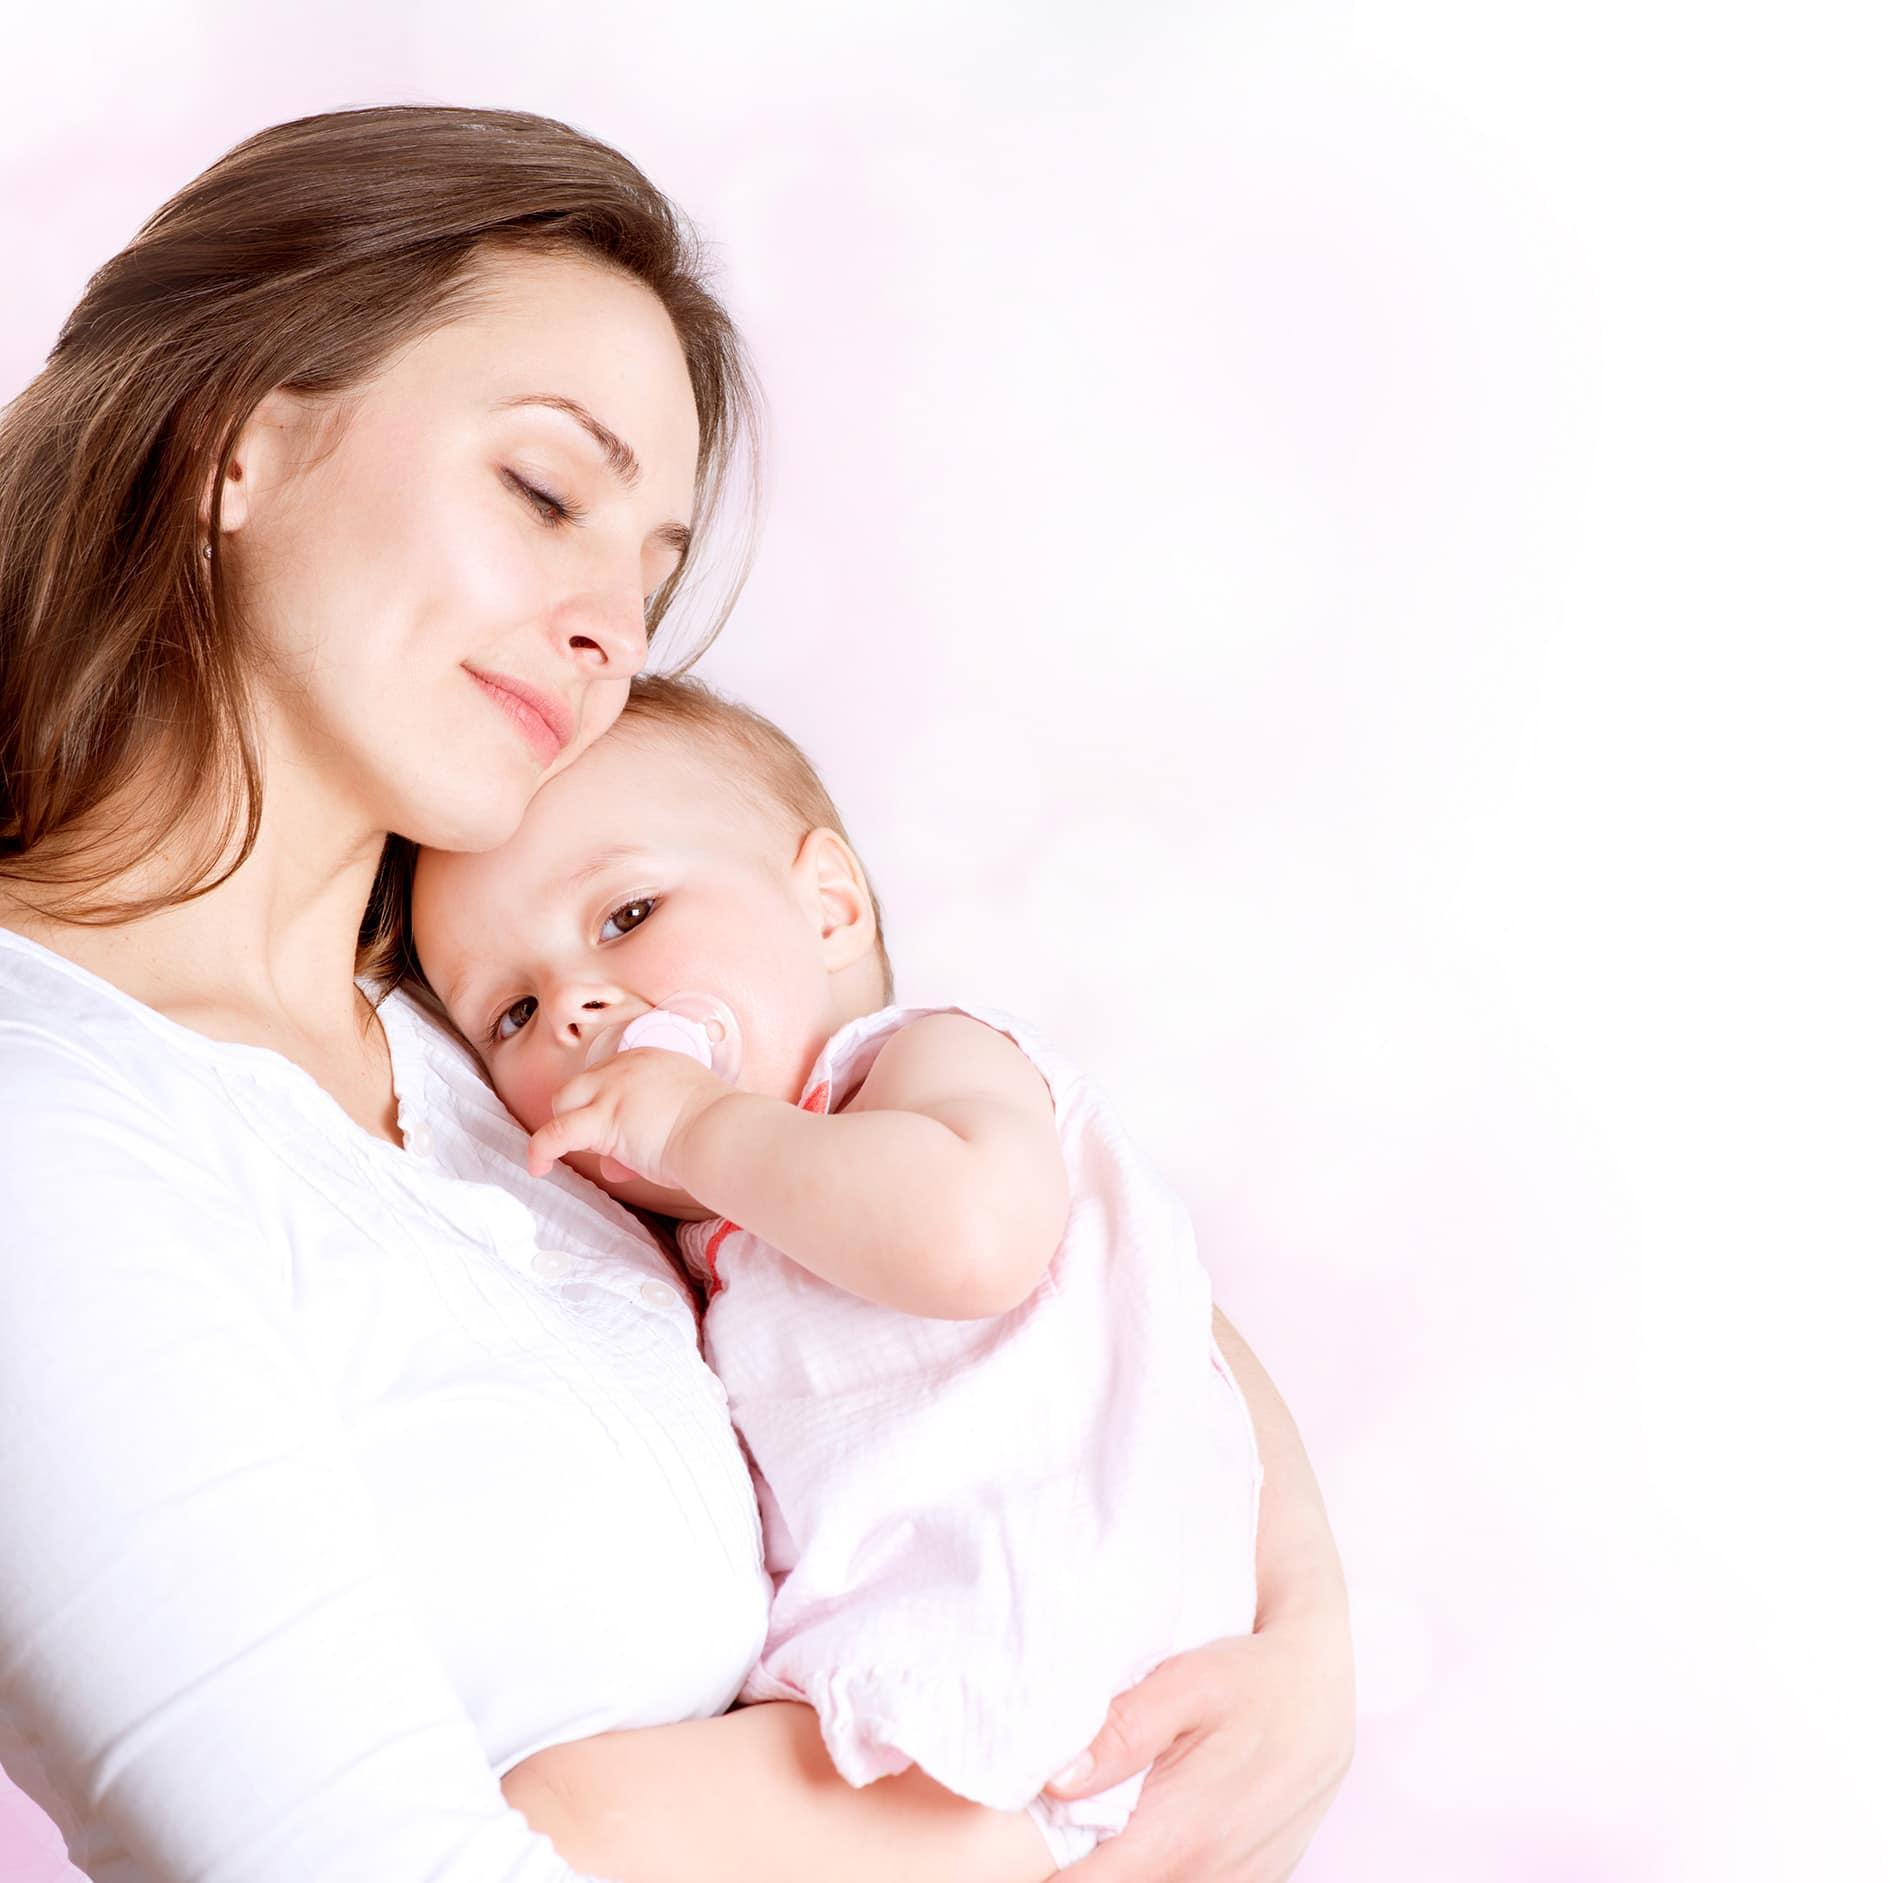 Als 3-Monats-Koliken werden BLÄHUNGEN bezeichnet, die bei Säuglingen in den ersten 14 Lebenswochen auftreten und INTENSIVE SCHREIATTACKEN auslösen